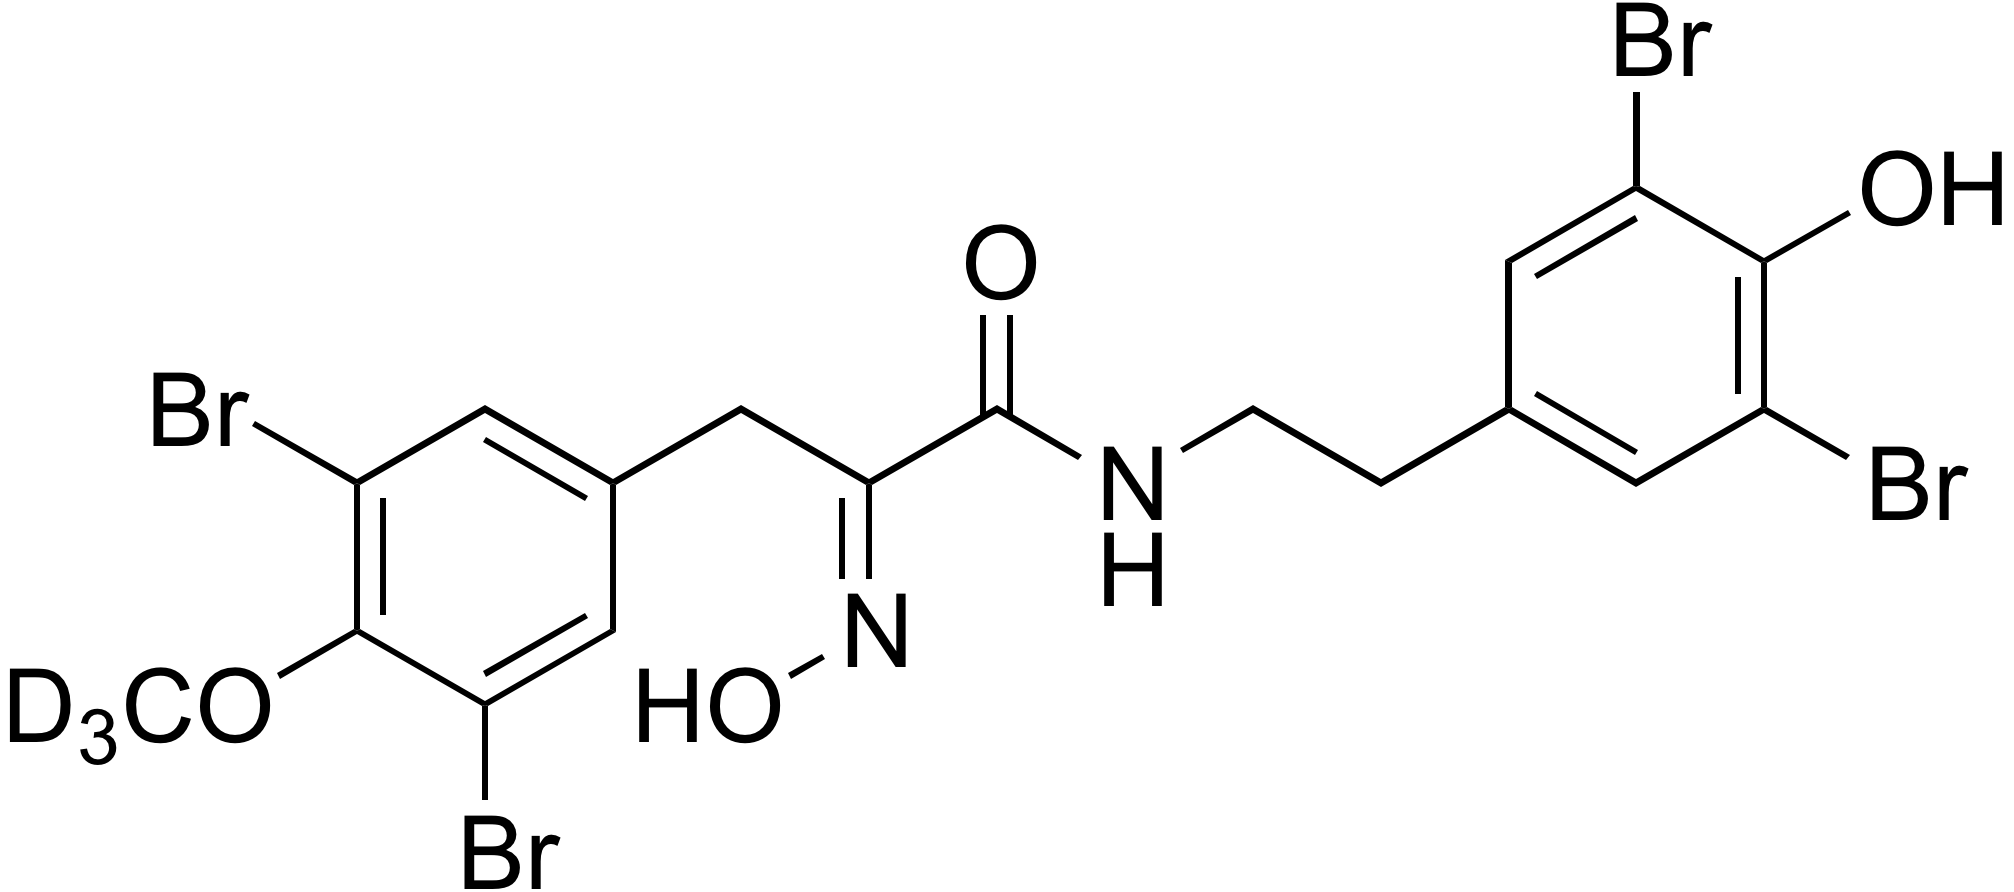 JBIR-44-d<sub>3</sub>